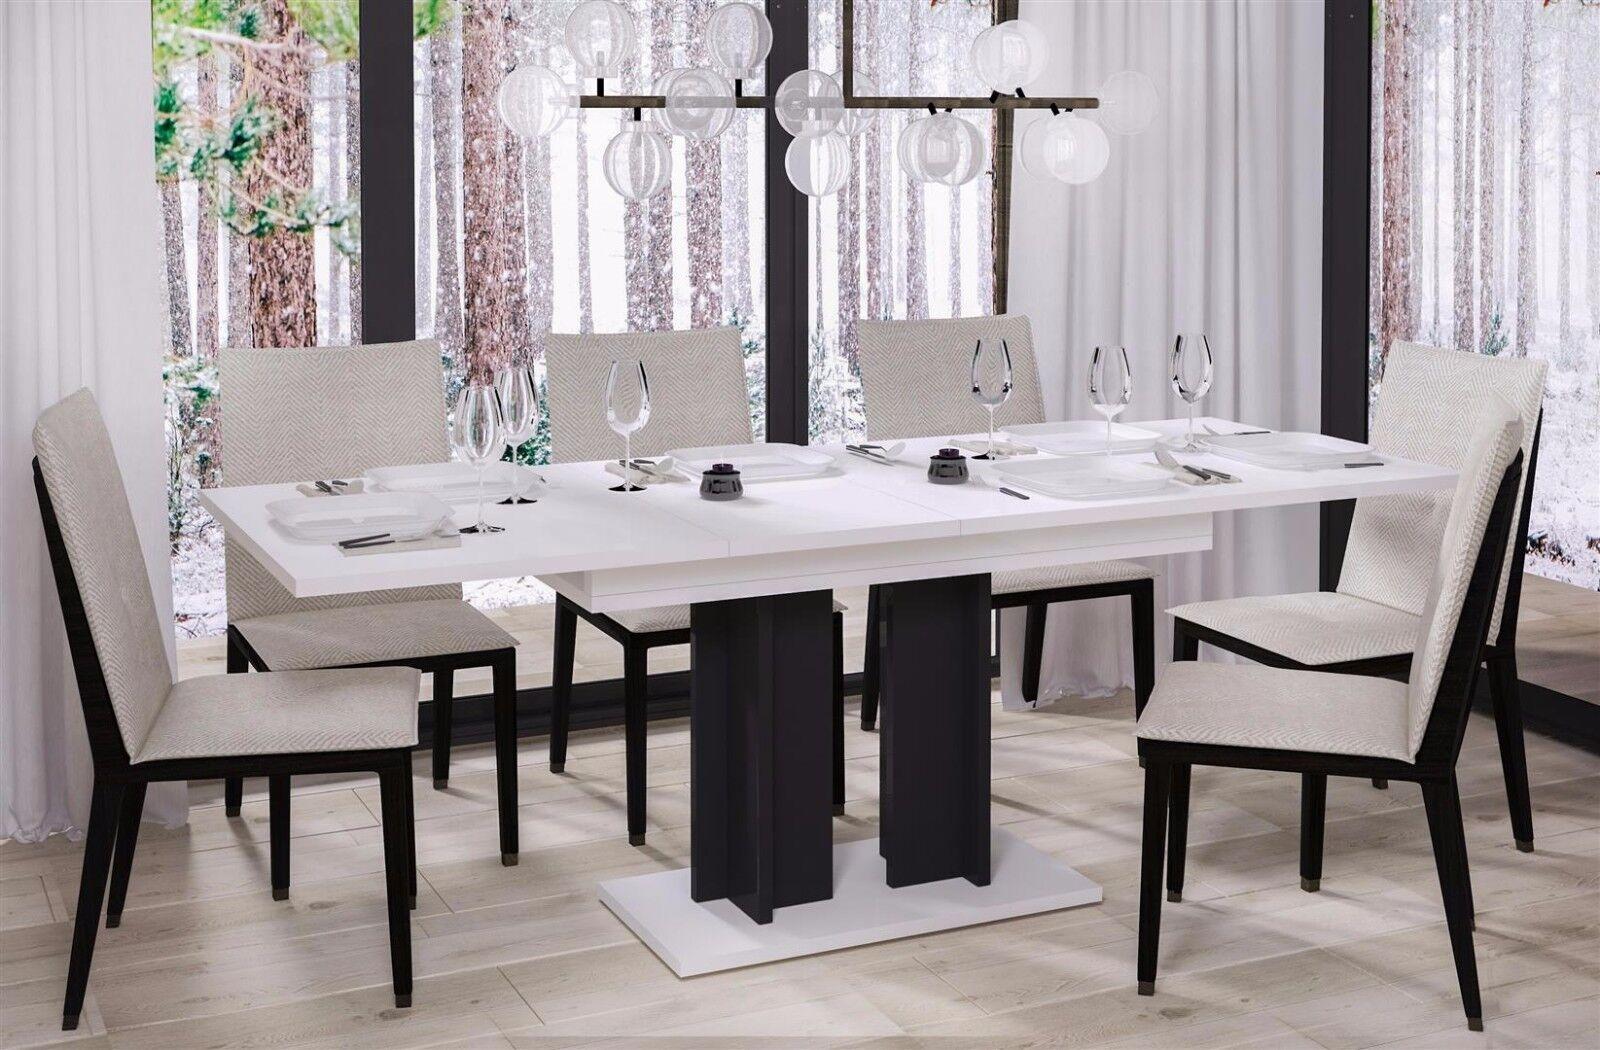 Bezaubernd Esstisch Schwarz Ausziehbar Beste Wahl Design Säulentisch Hochglanz Weiß Zweifarbig Modern